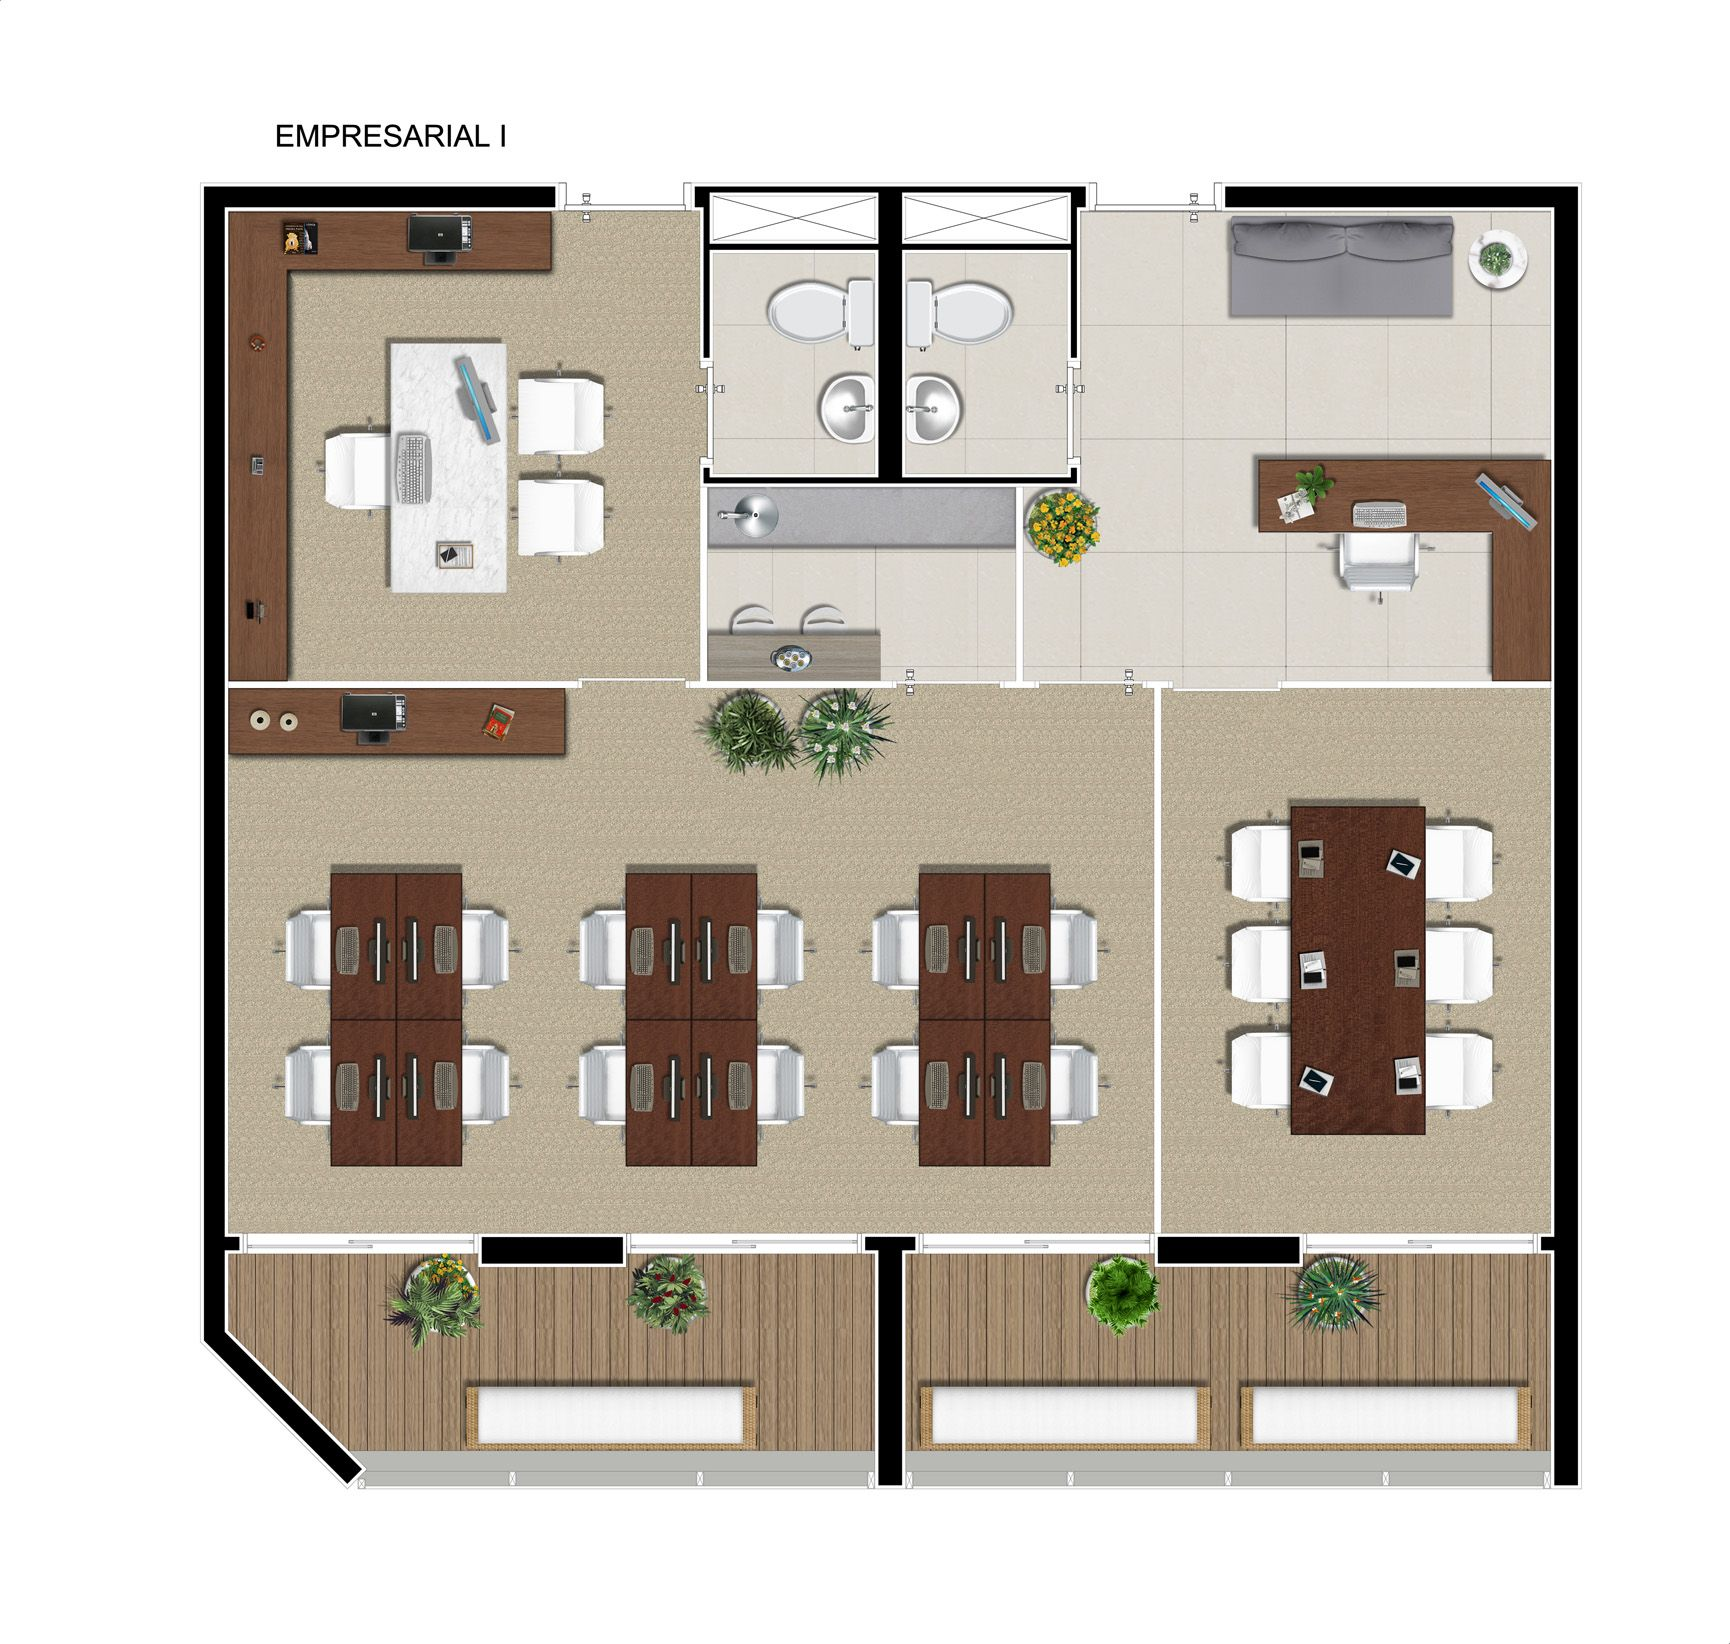 Planta com varia o de uso da jun o de 2 salas studio for Planos de oficinas pequenas